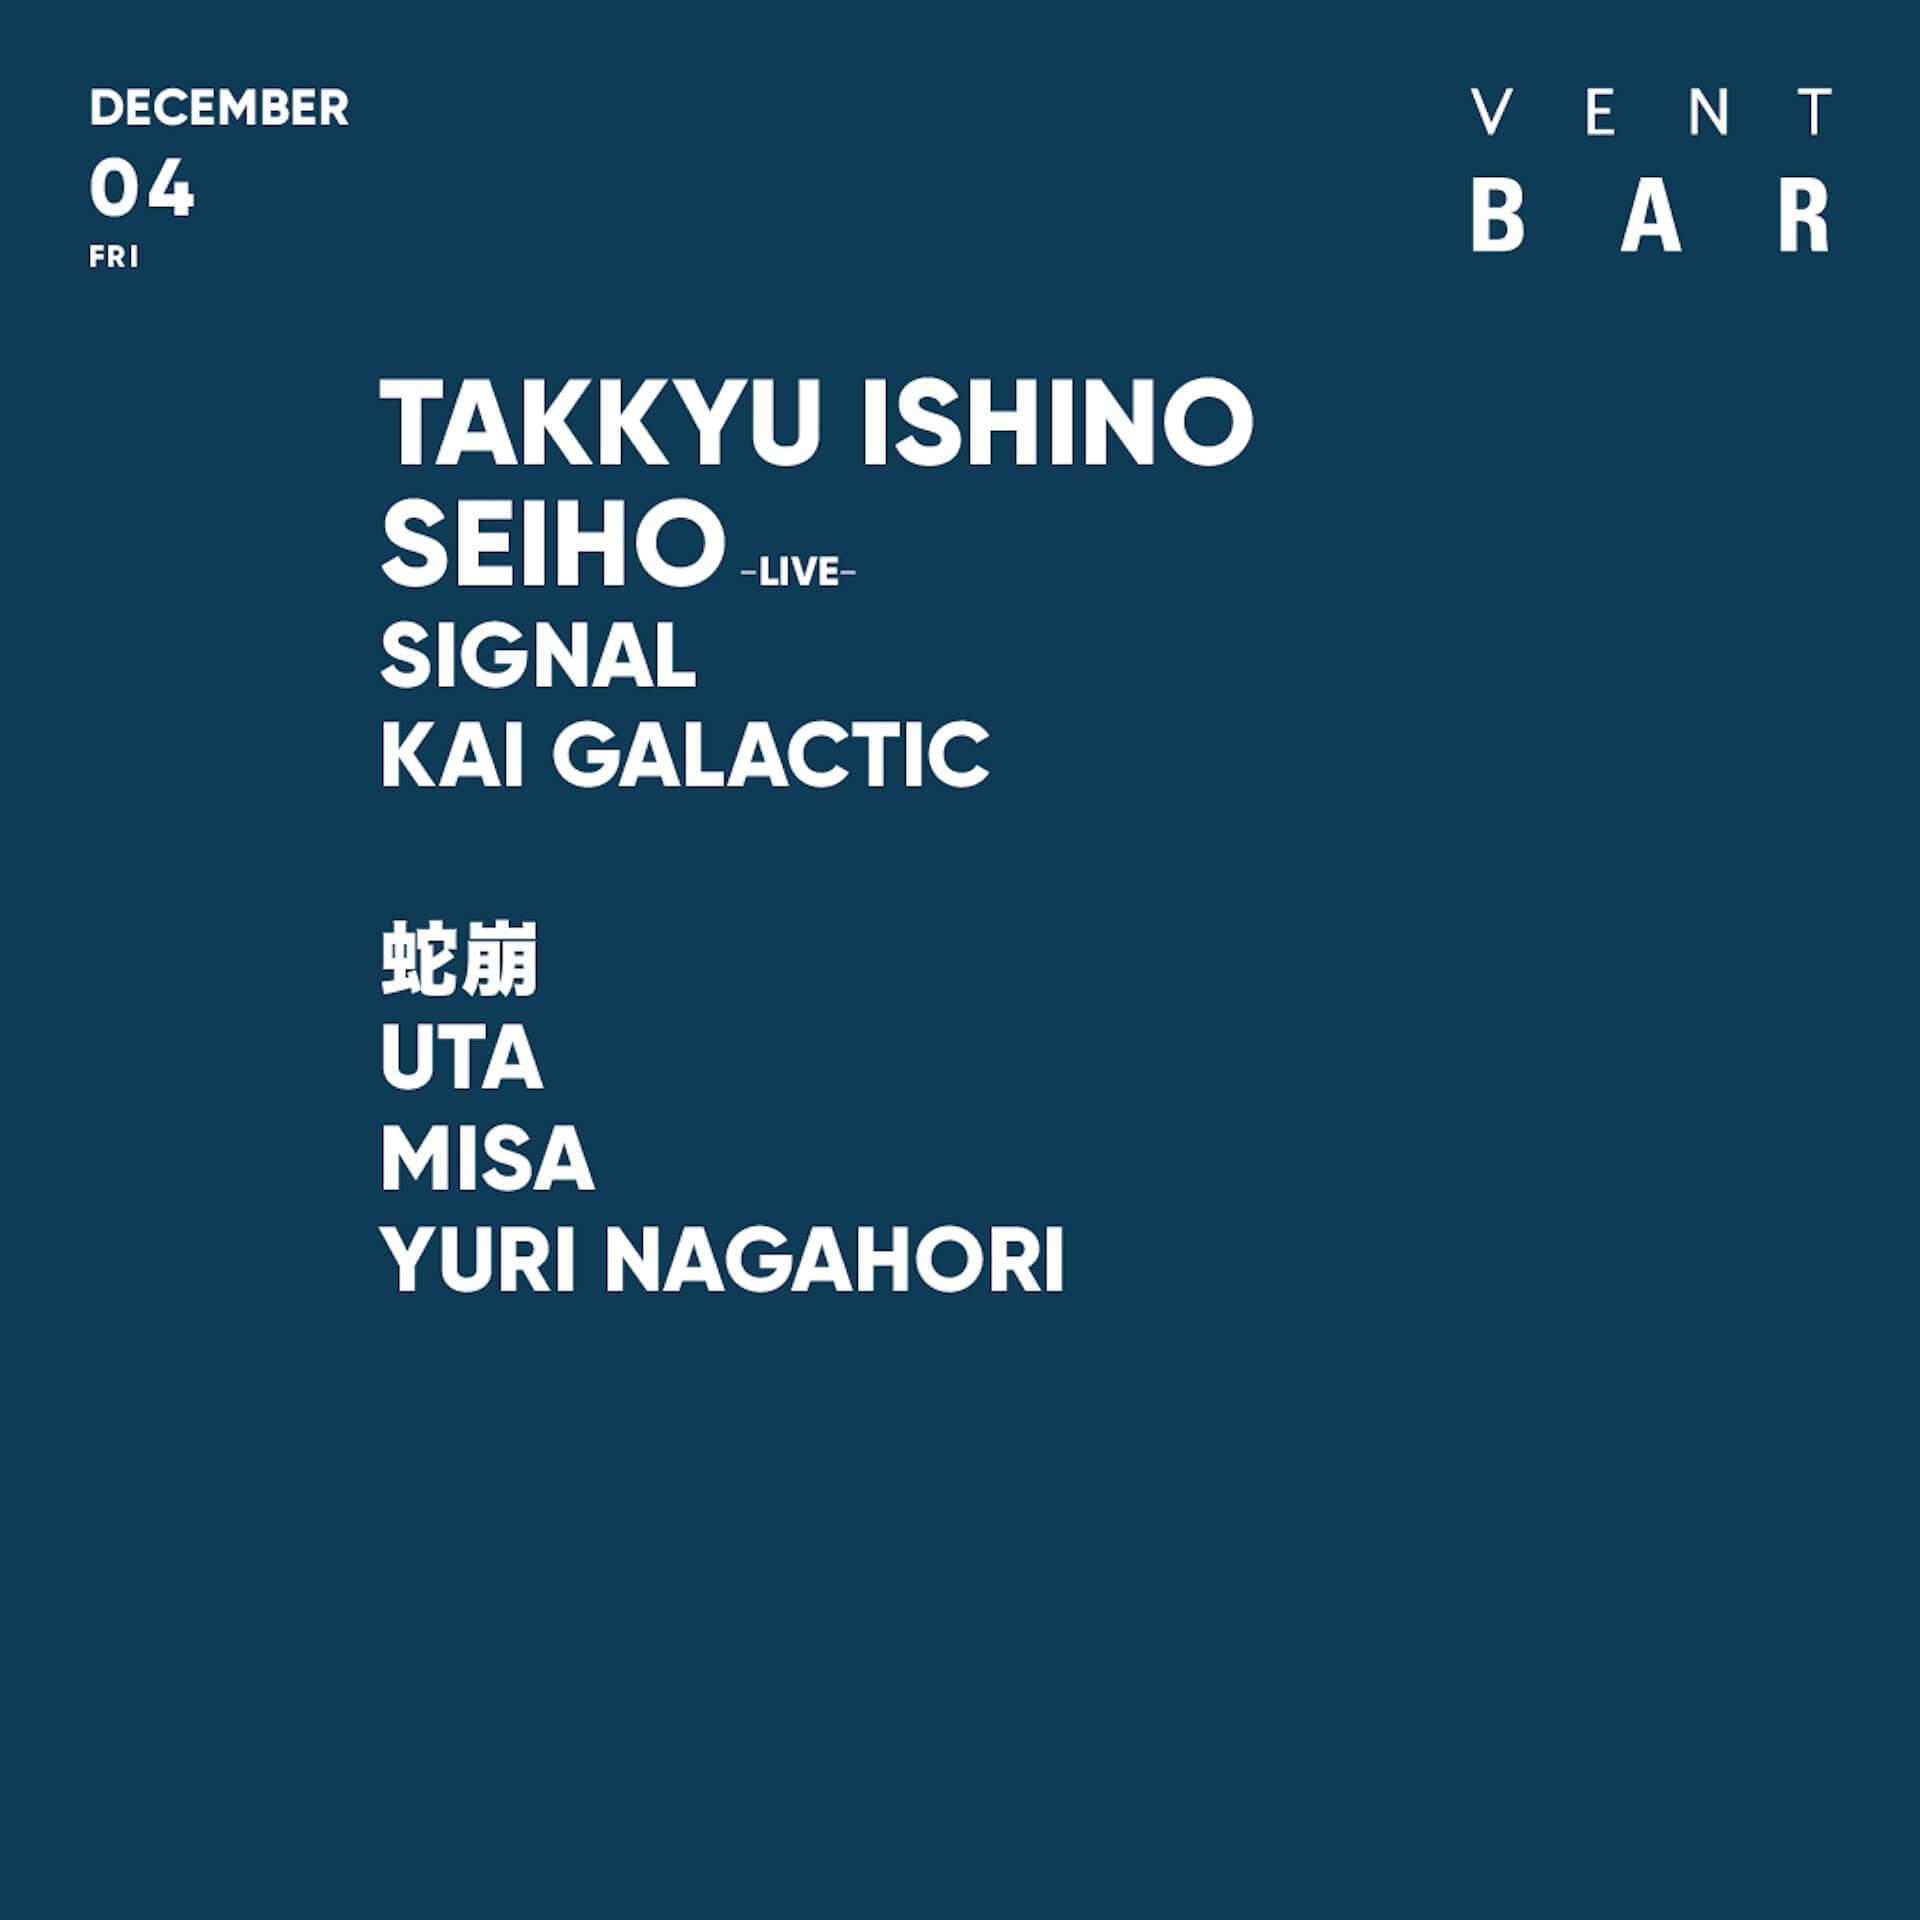 石野卓球、SeihoがVENT BARのダブルヘッドライナーとして登場!SIGNAL、Kai Galacticらも出演 music201117_vent-bar_1